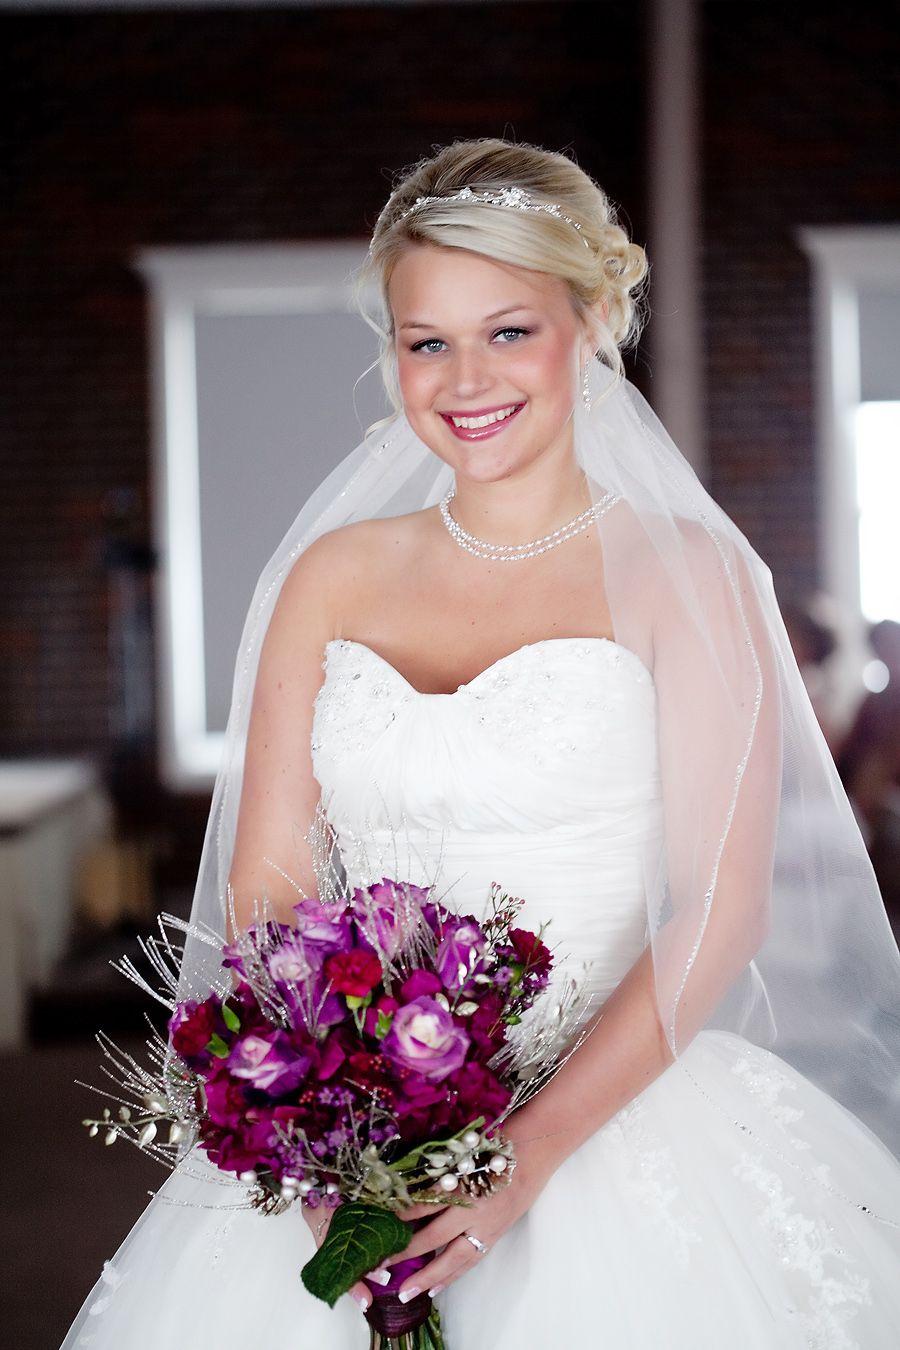 Bridal Gowns Wedding Tree La Crosse Wi Wedding Gowns Bridal